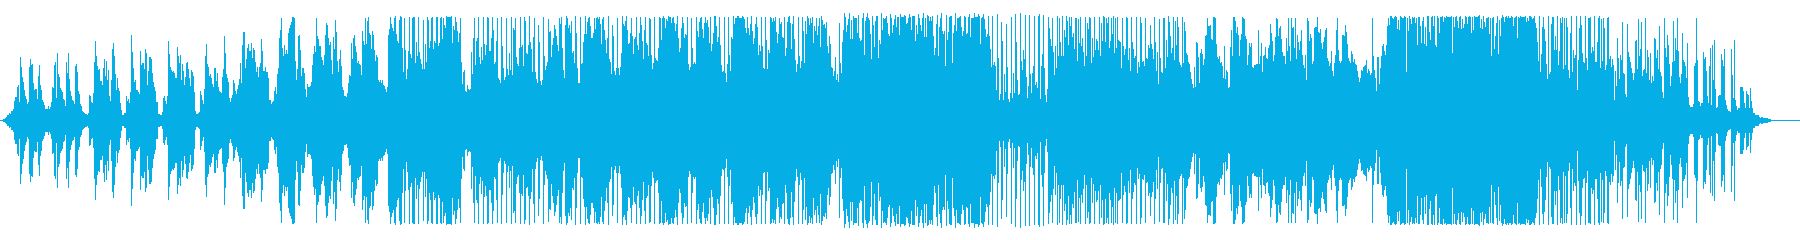 かな唄の再生済みの波形